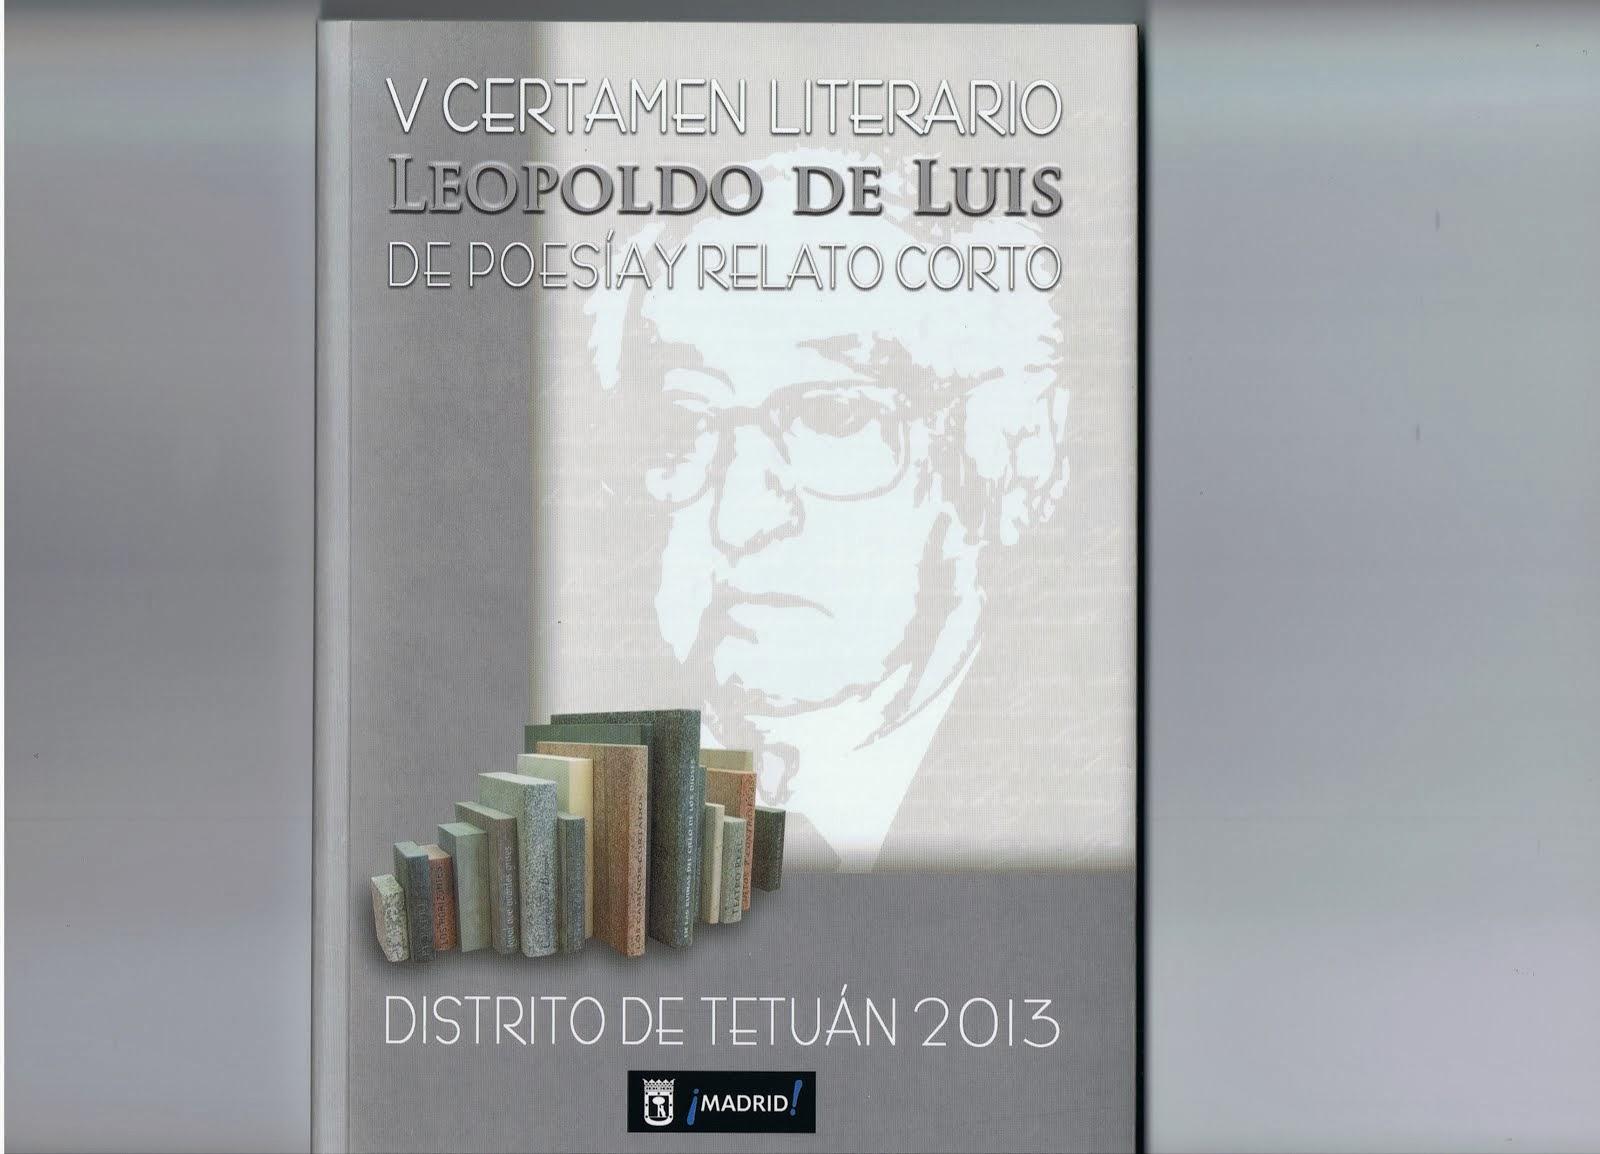 V Certamen Literario Leopoldo de Luis de Poesía y Relato Corto